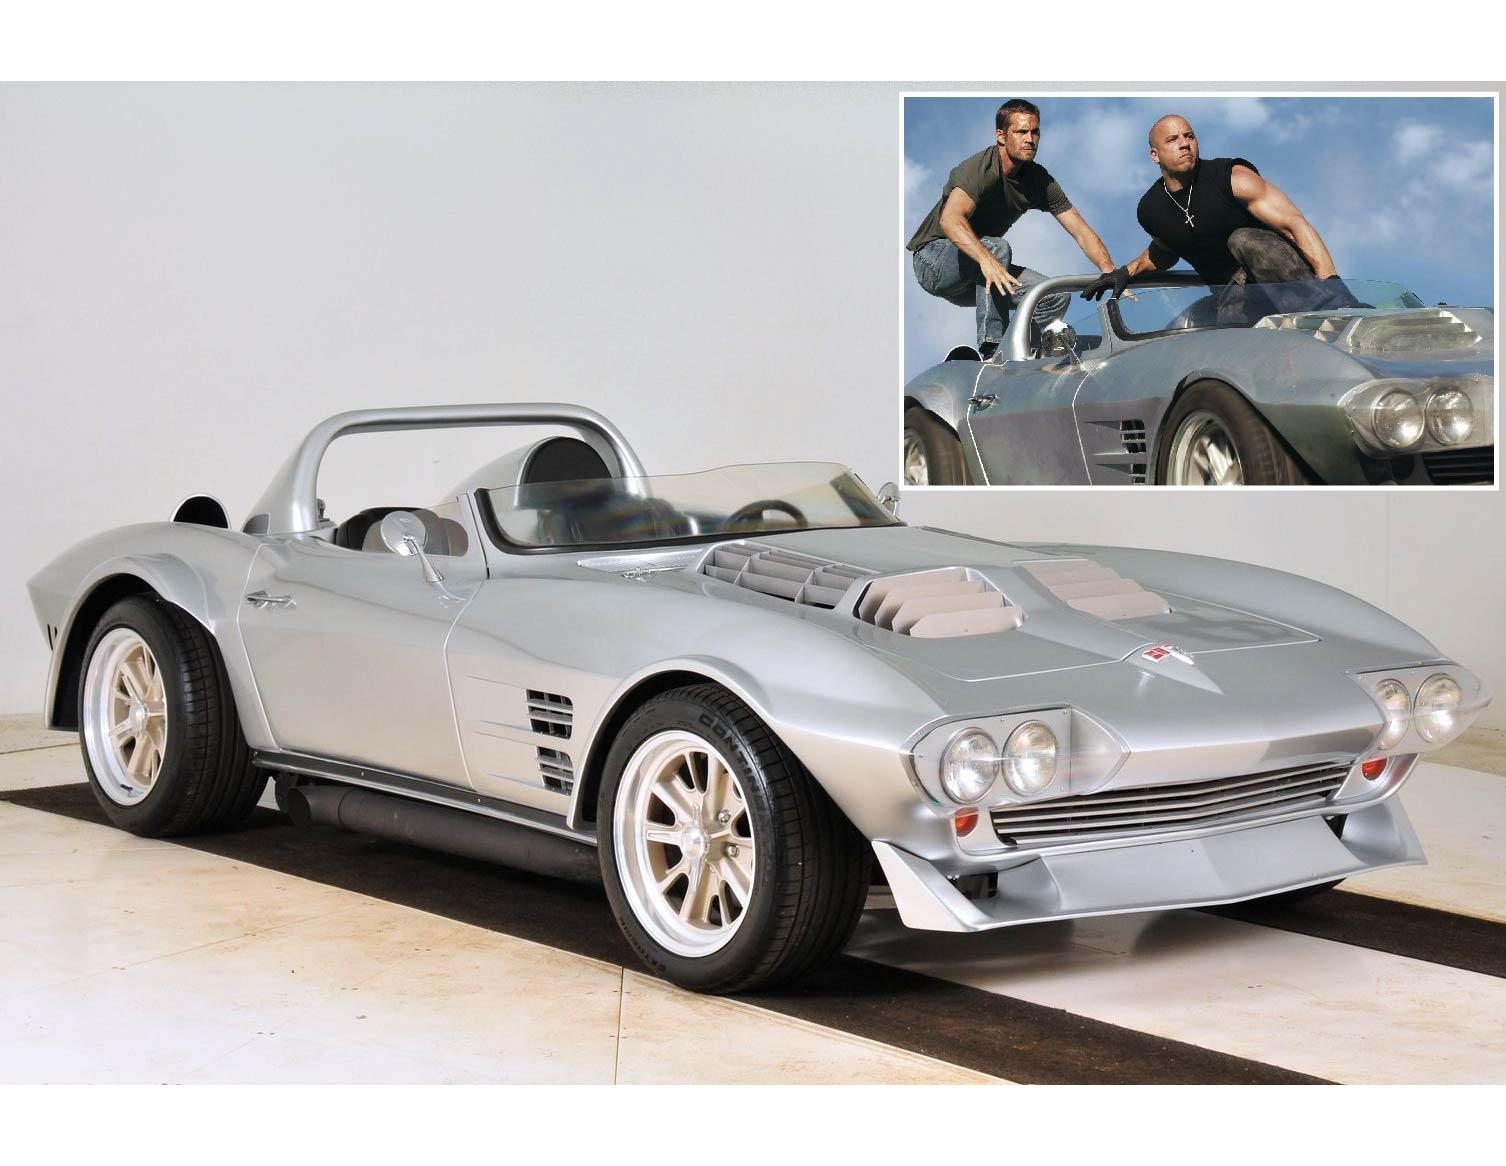 Corvette Grand Sport Corvette Fast Five